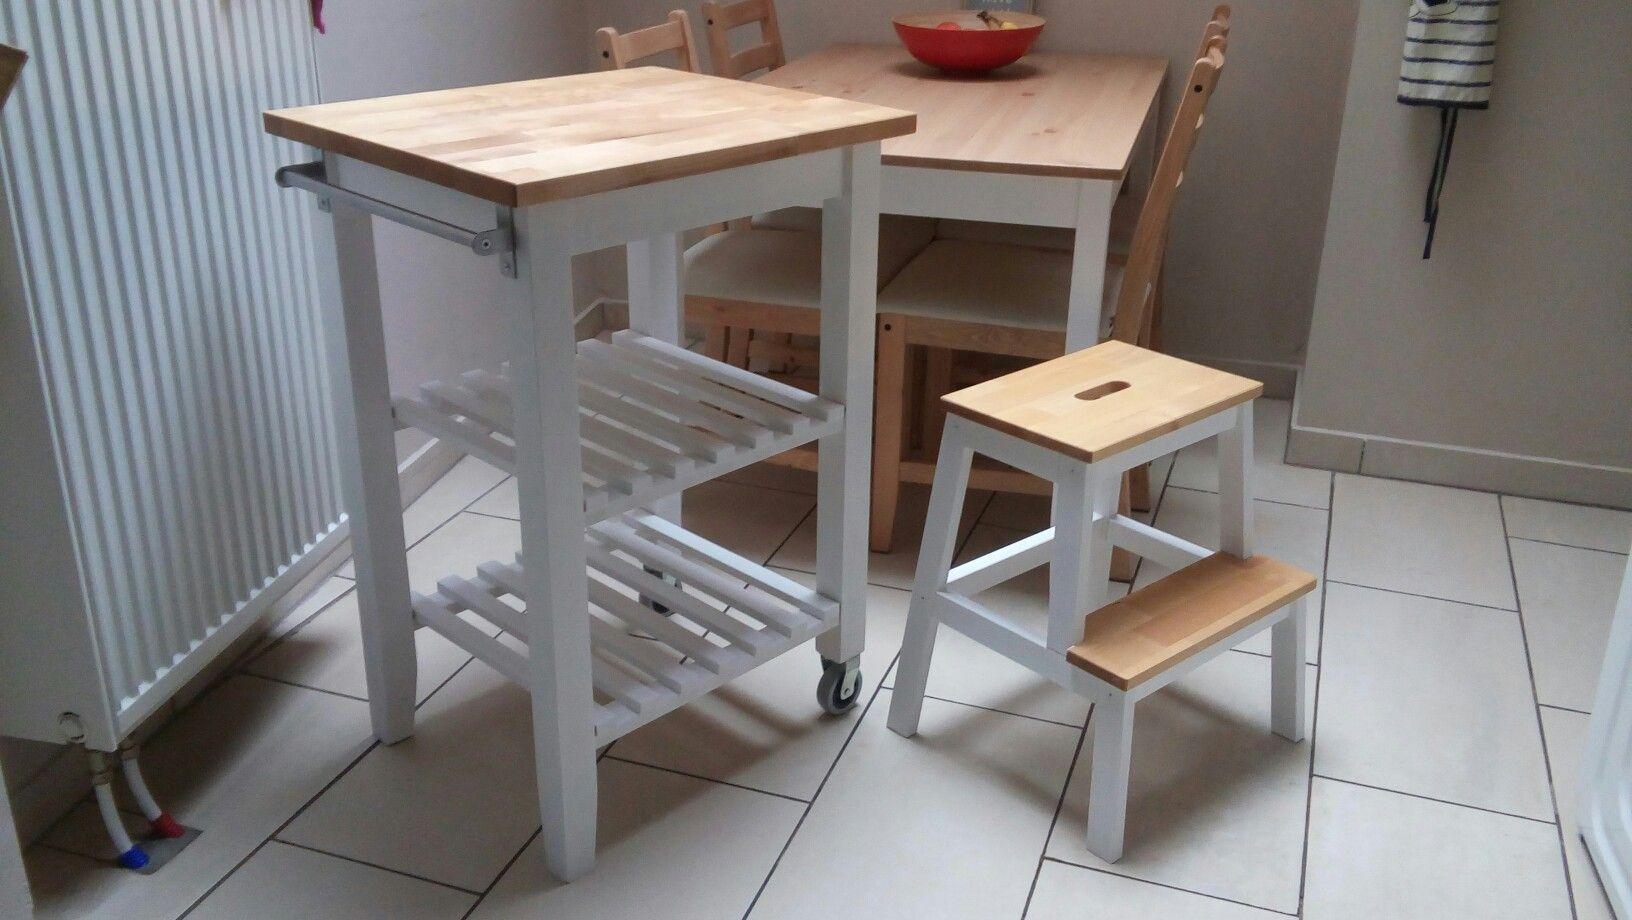 Keuken Tafel Ikea : Keukentafel ikea simple keukentafel ikea with keukentafel ikea